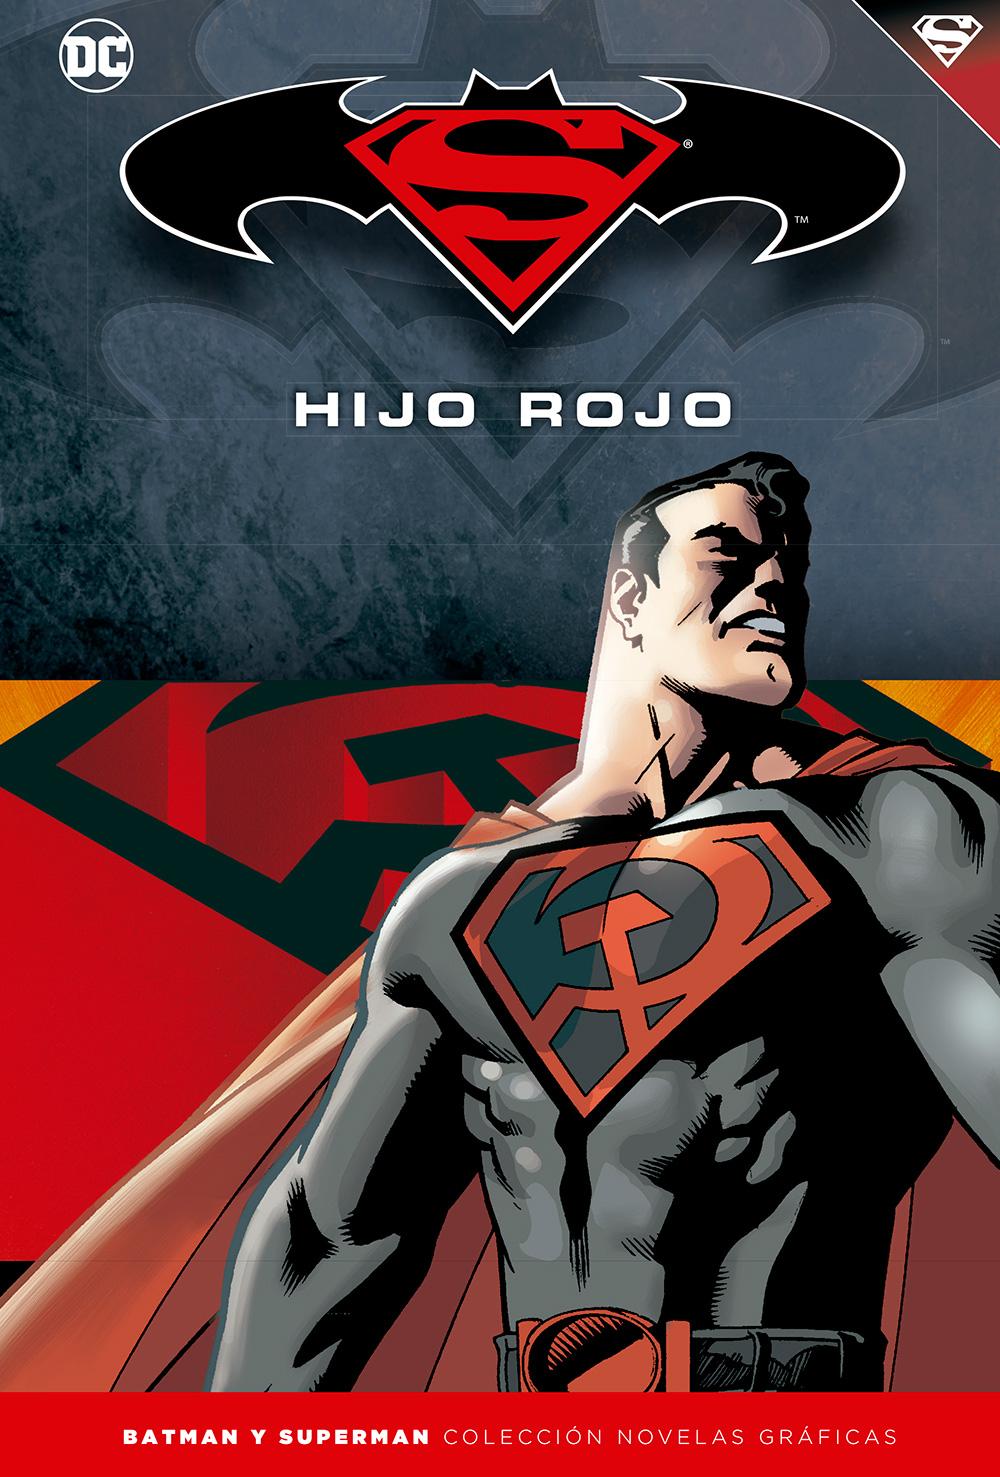 [DC - Salvat] Batman y Superman: Colección Novelas Gráficas - Página 2 Portada_BMSM_2_HijoRojo